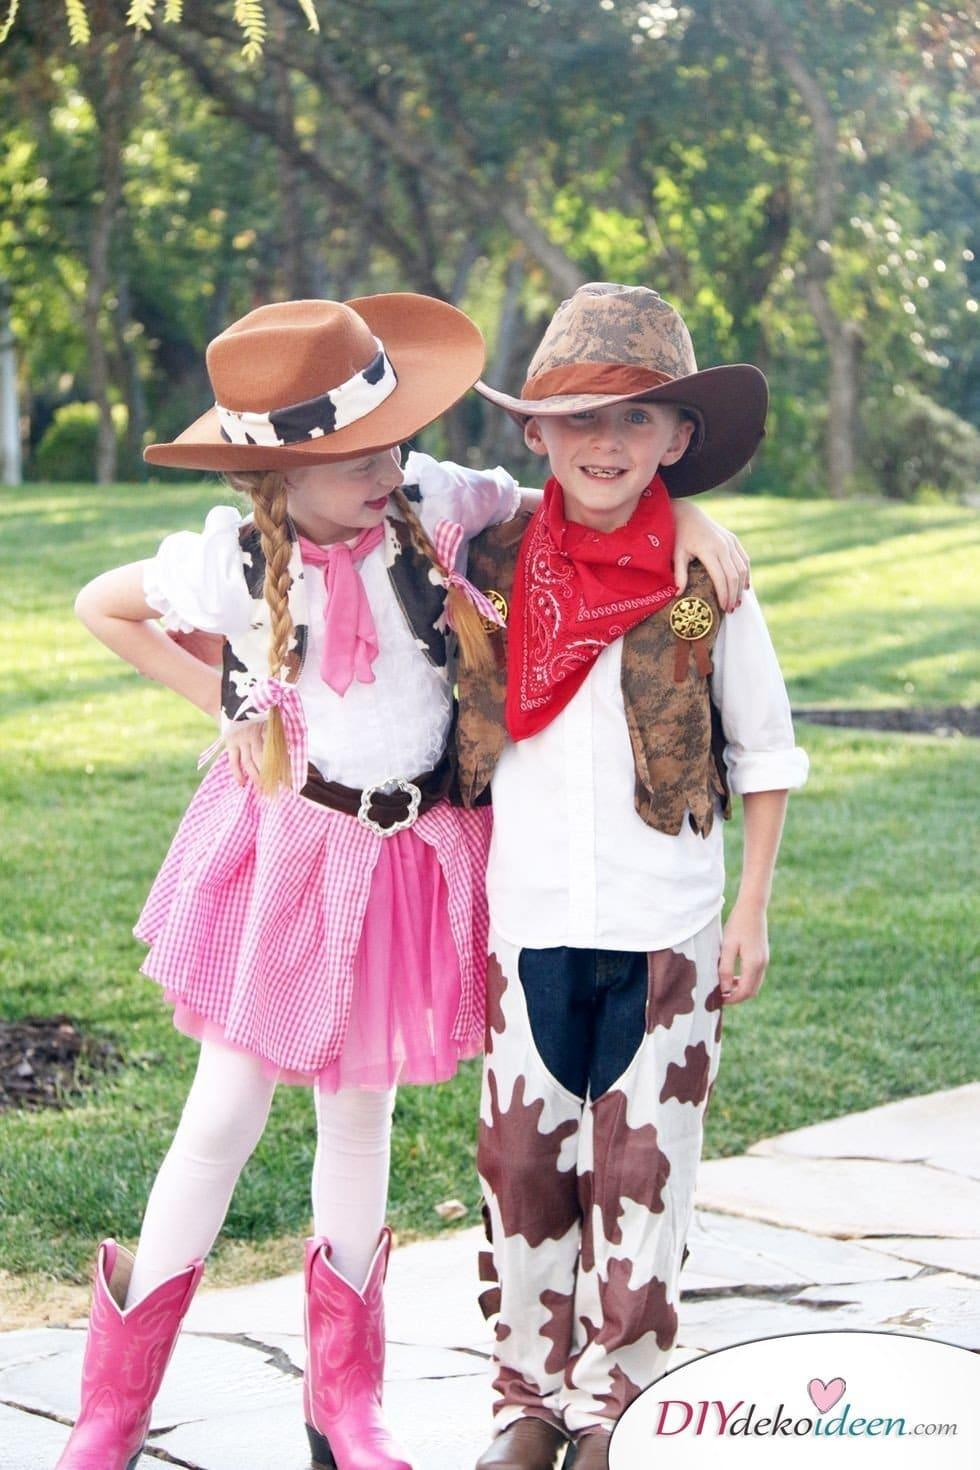 15 witzige Halloween Kostüm Ideen für Kinder zum selbermachen - Cowboy- Kinderkostüm